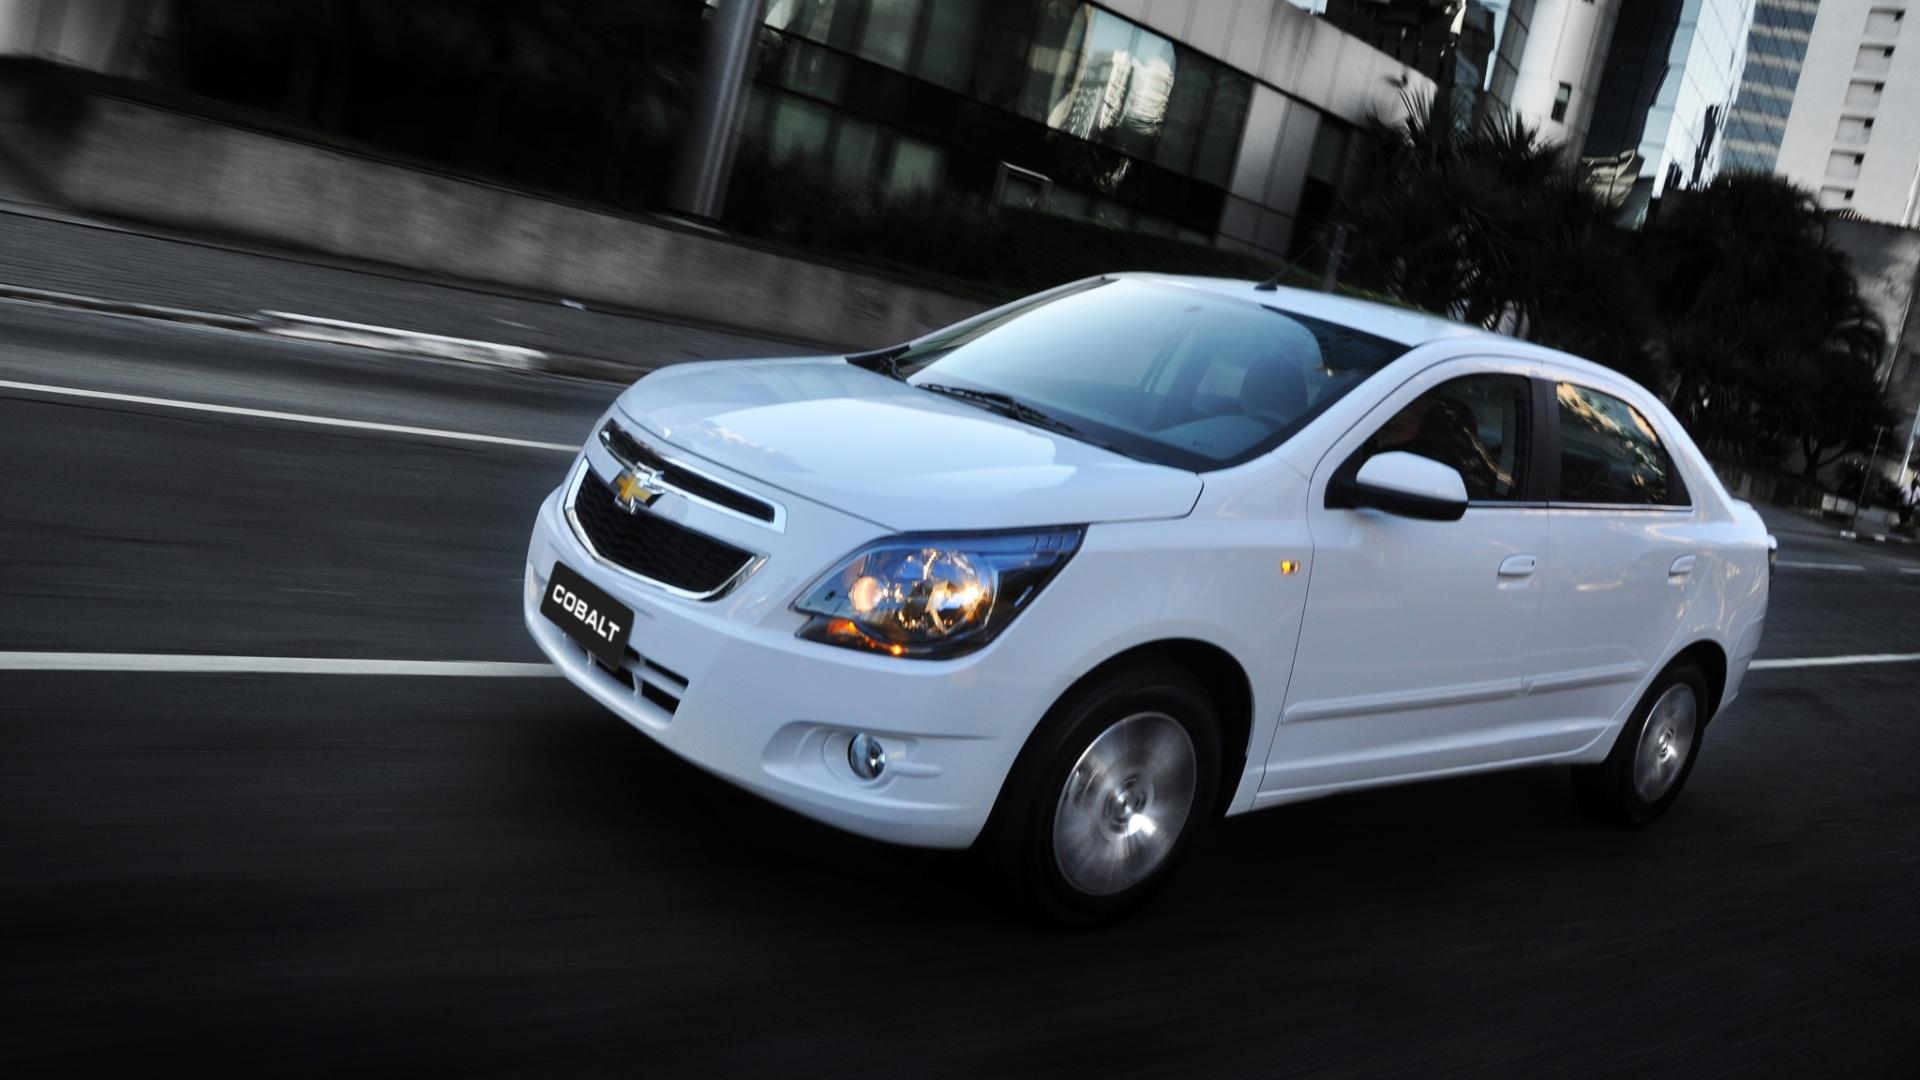 Chevrolet Cobalt 1.8 parte de R  43.690 para dar  status  a novo público -  Notícias - BOL 5db4f7c21e